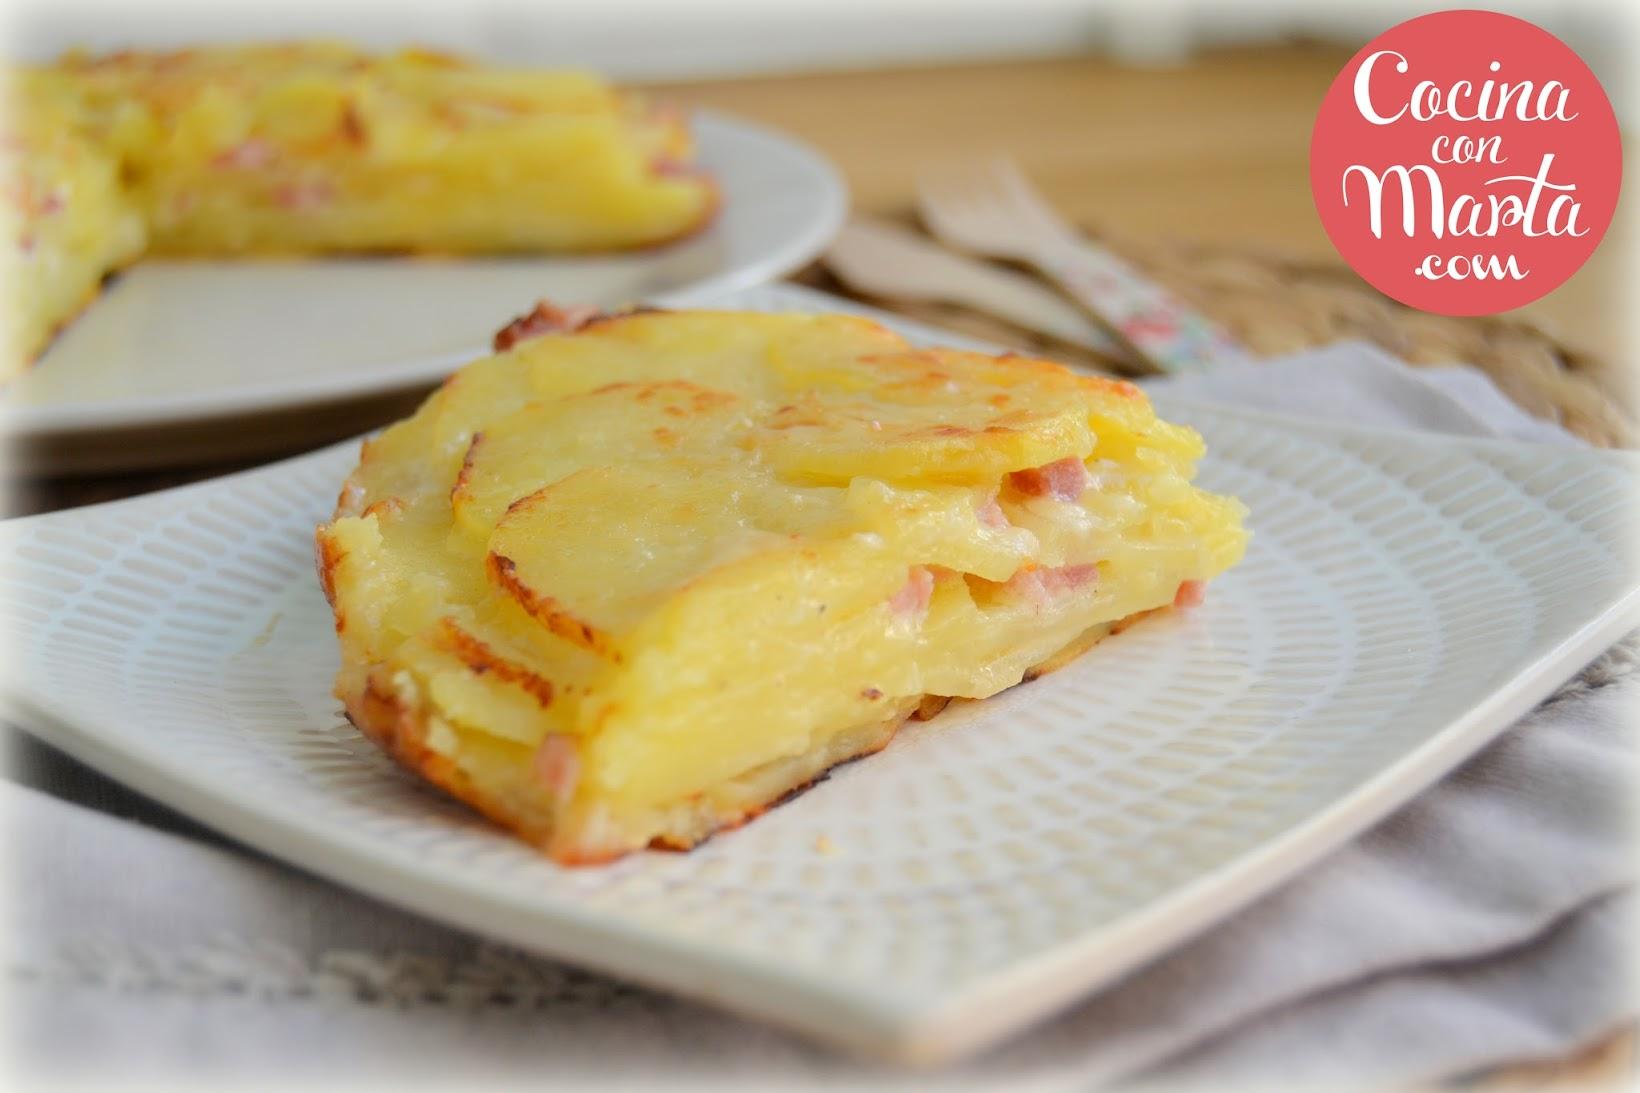 Receta casera milhoja de patatas con bacon y queso, Mil hoja, Olla GM, fácil, rápido, Cocina con Marta